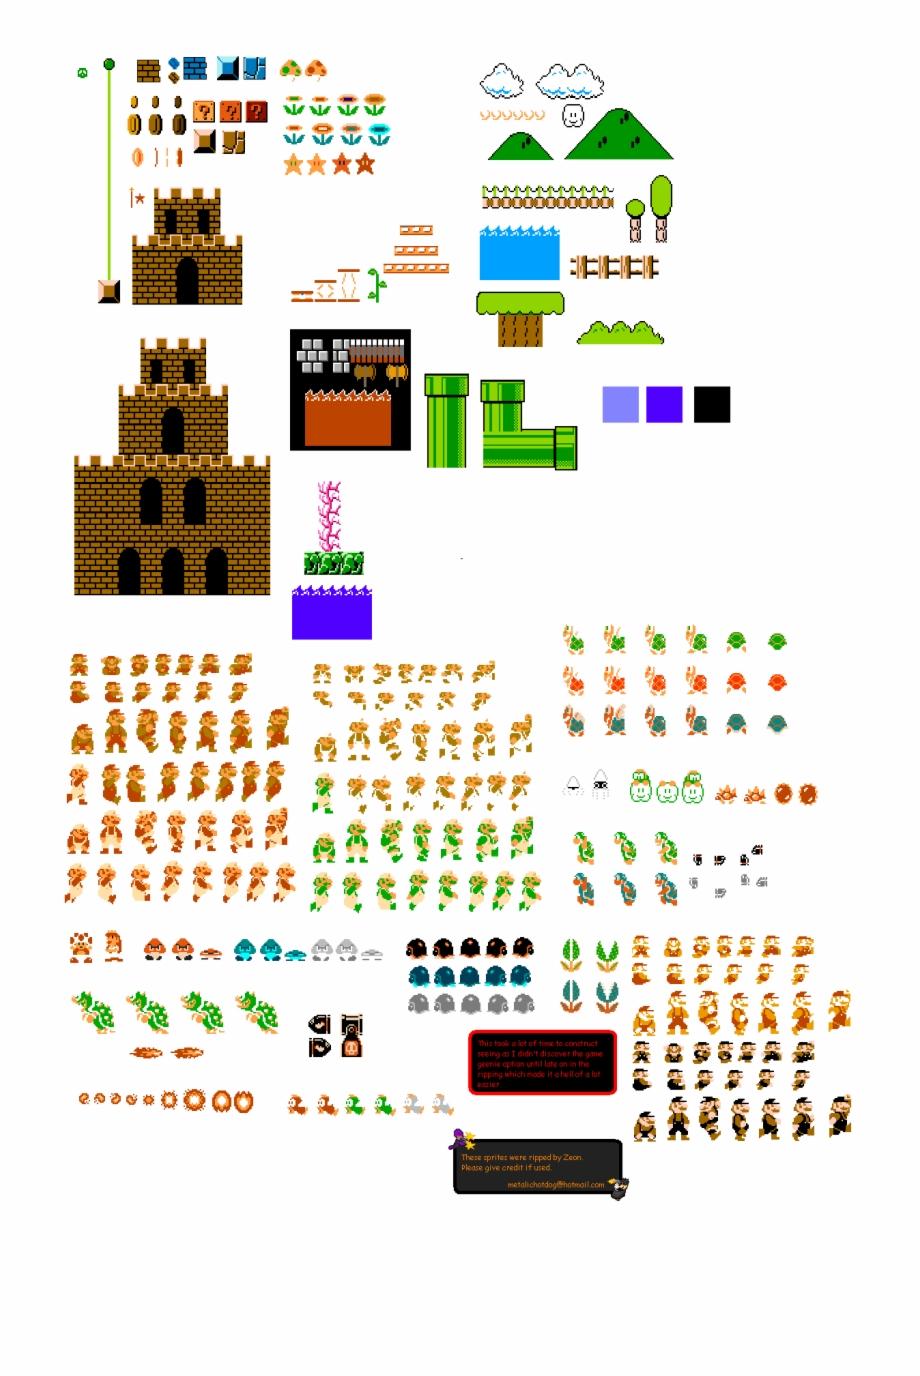 Mario Bros Mario Bros Png Mario Bros New Super Mario Bros Sprite Transparent Png Download 3439754 Vippng